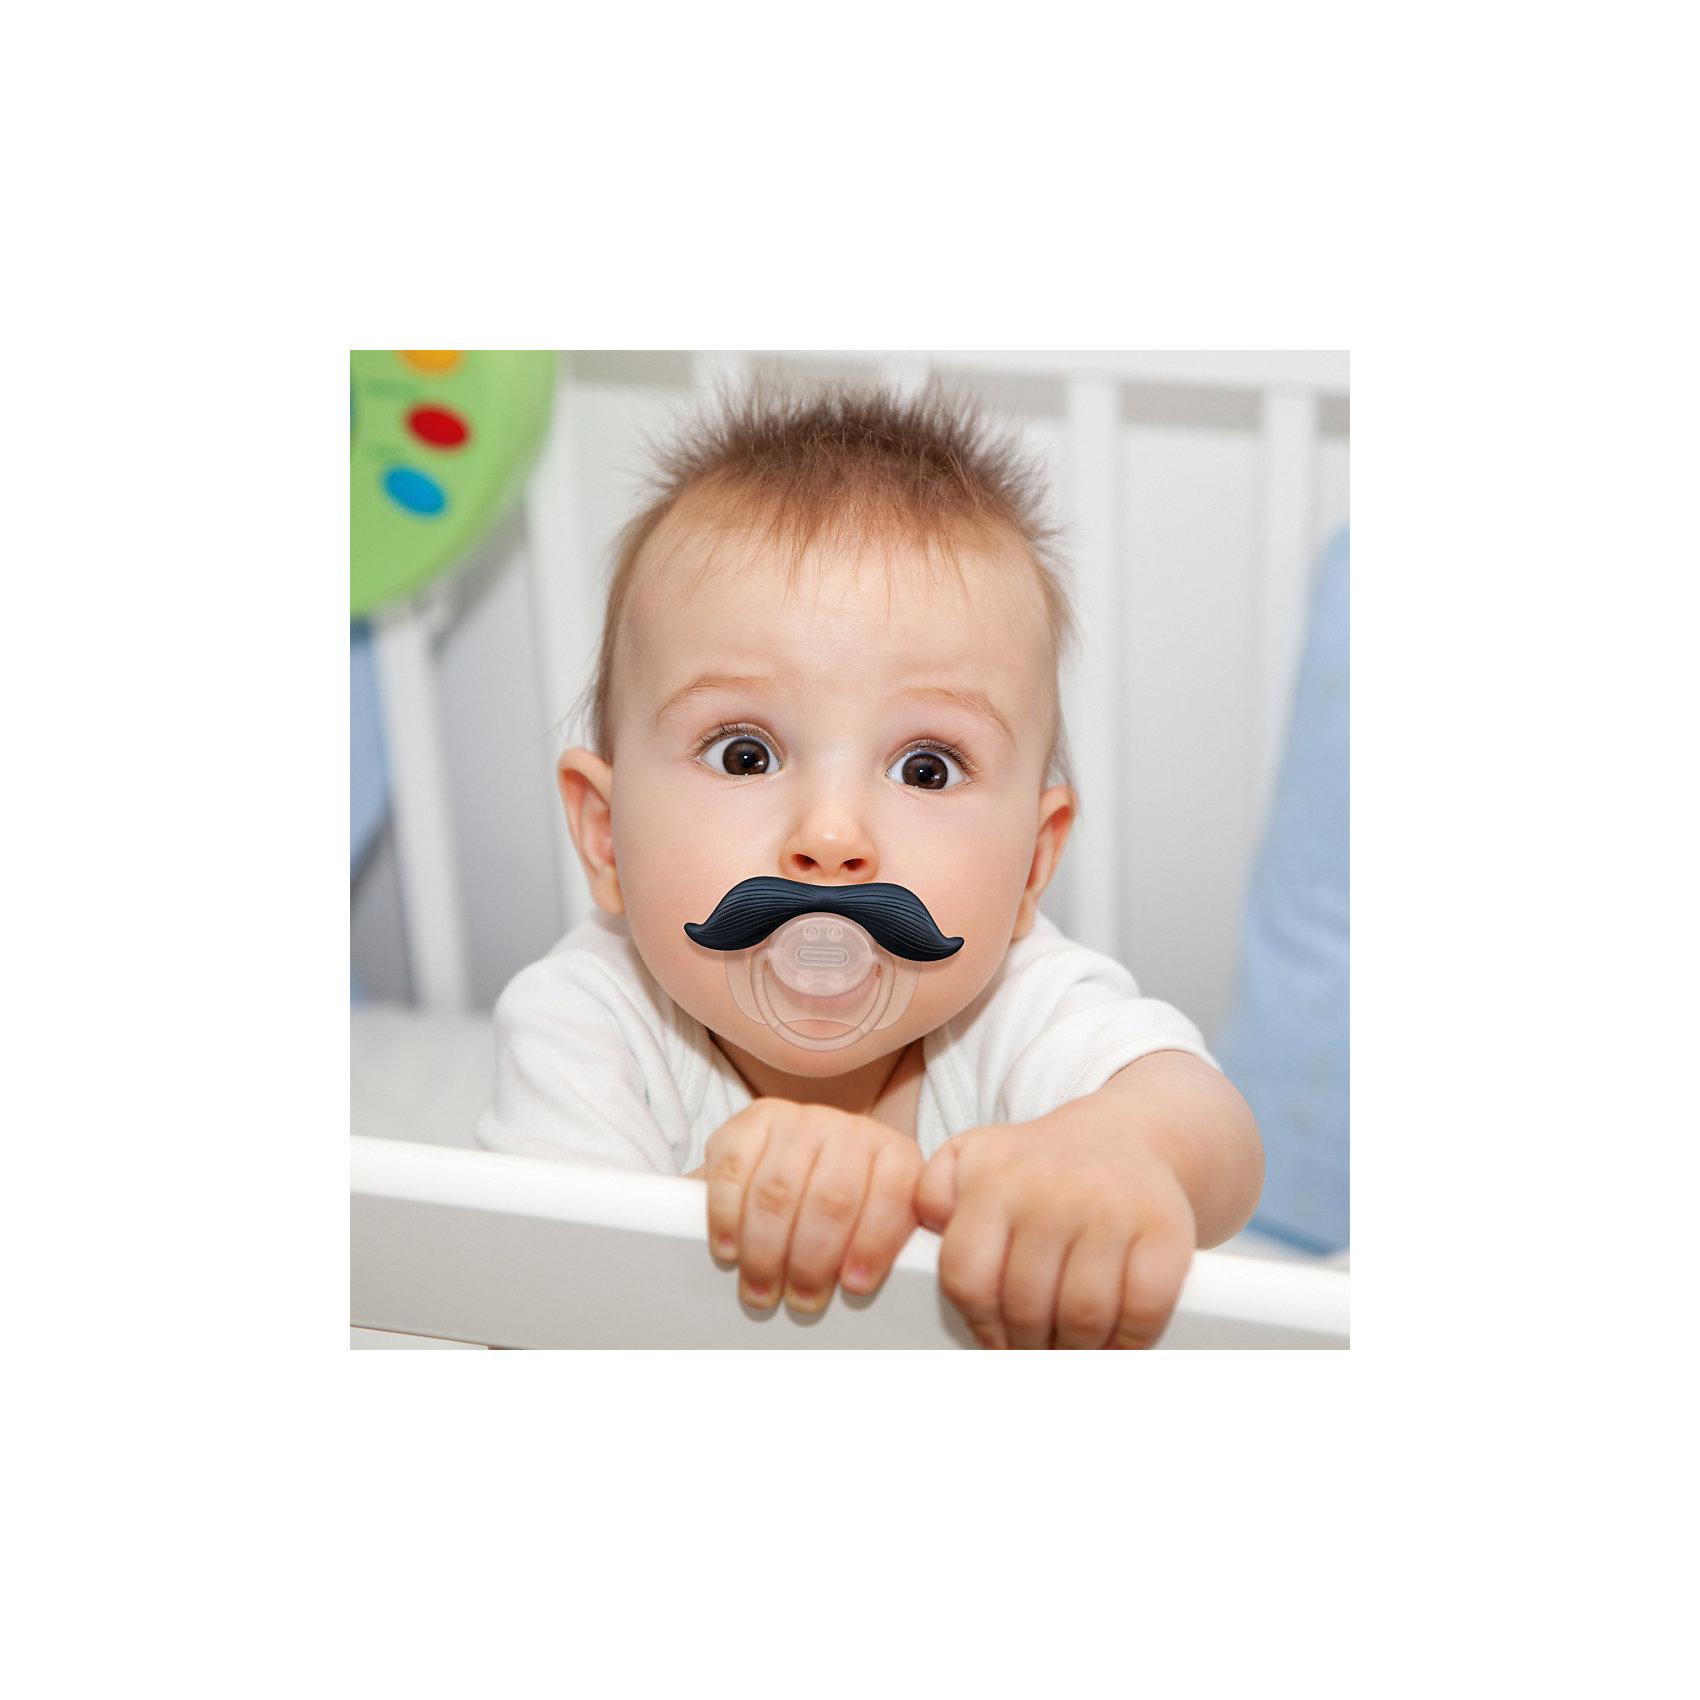 �����-�������� ����������� (The Gentleman), Mustachifier